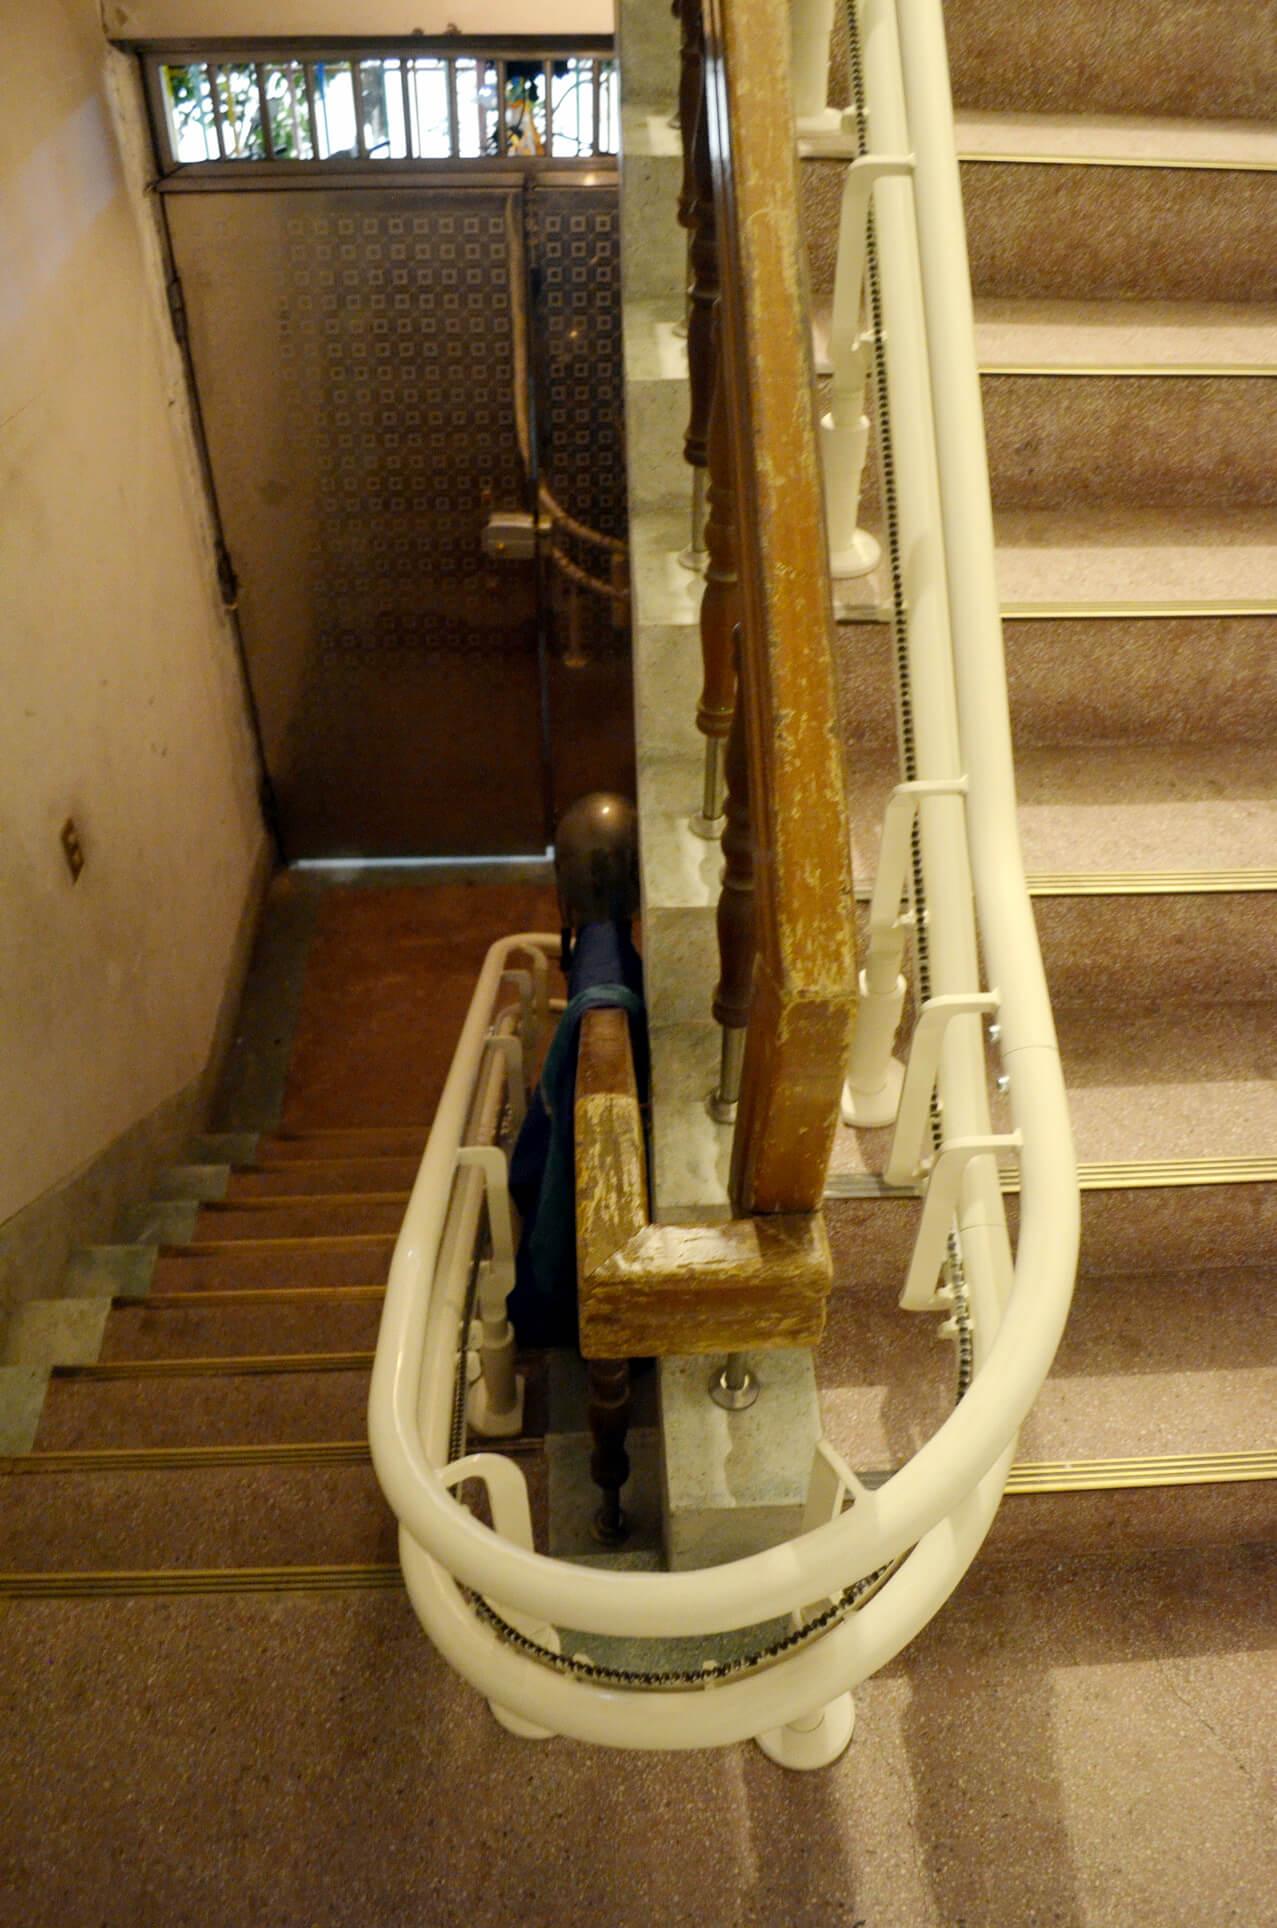 升降椅軌道緊鄰扶手,一點也不佔空間唷